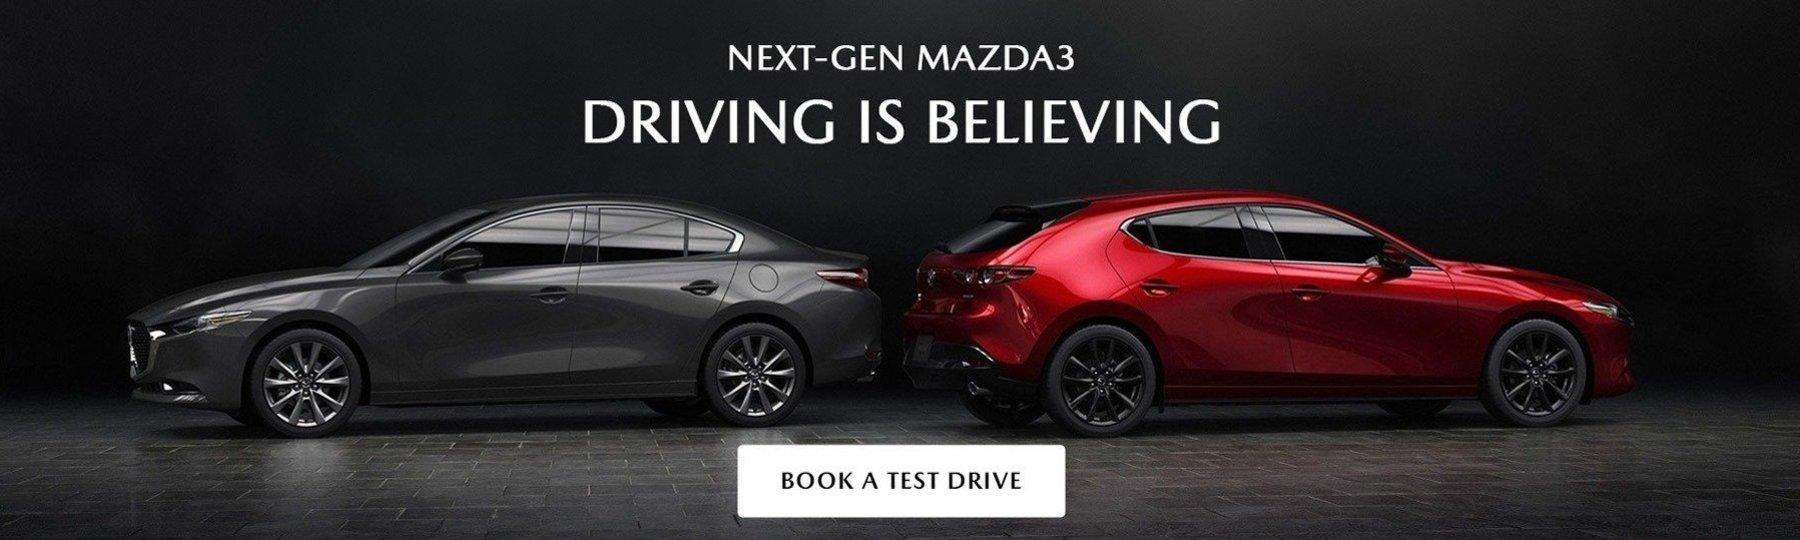 Next Gen Mazda 3